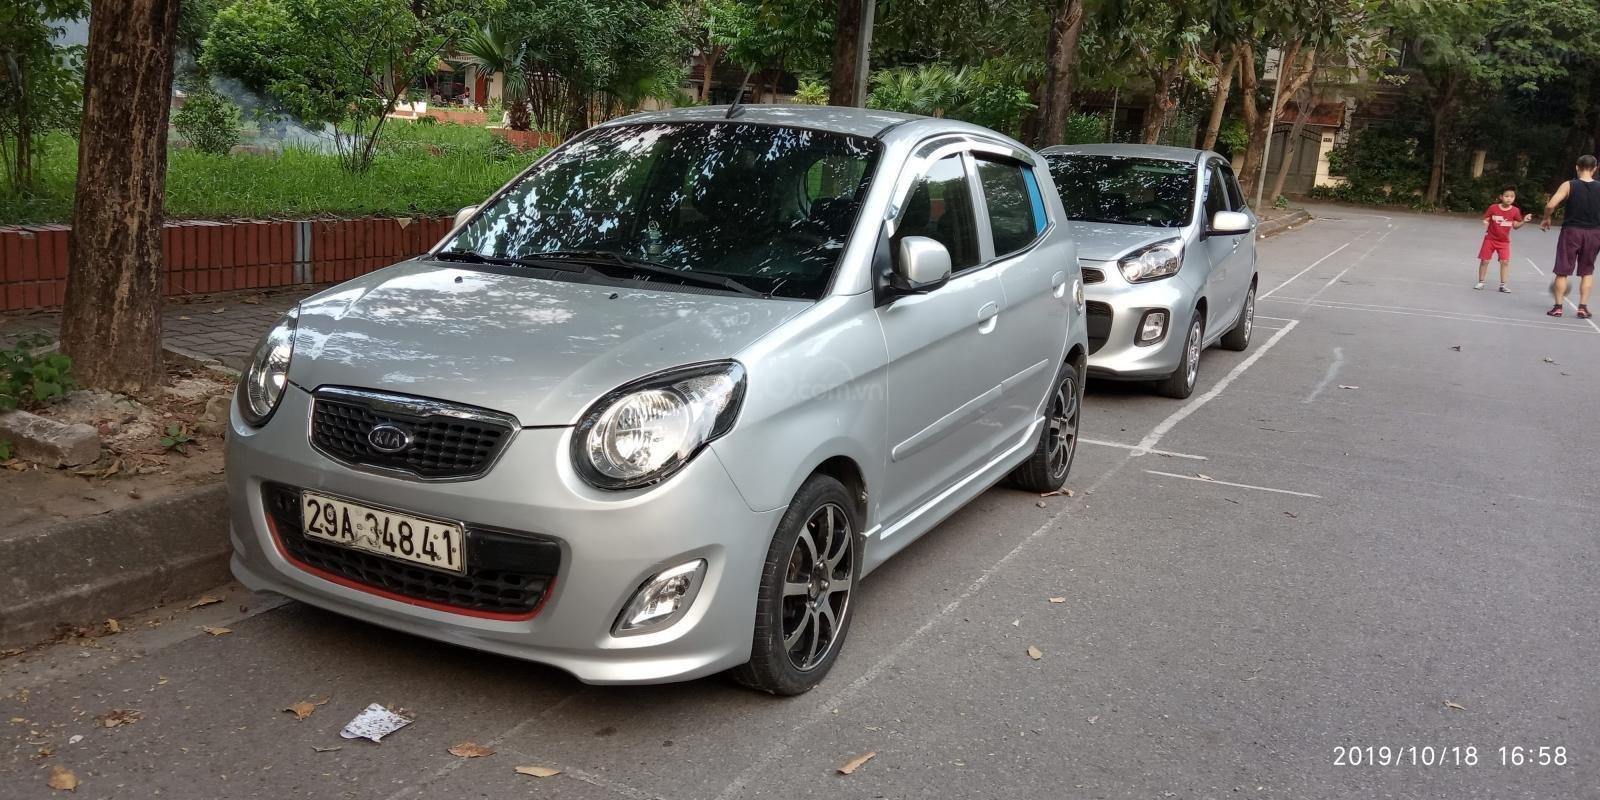 Cần bán Kia Morning sản xuất 2011, màu bạc, giá 168tr (7)